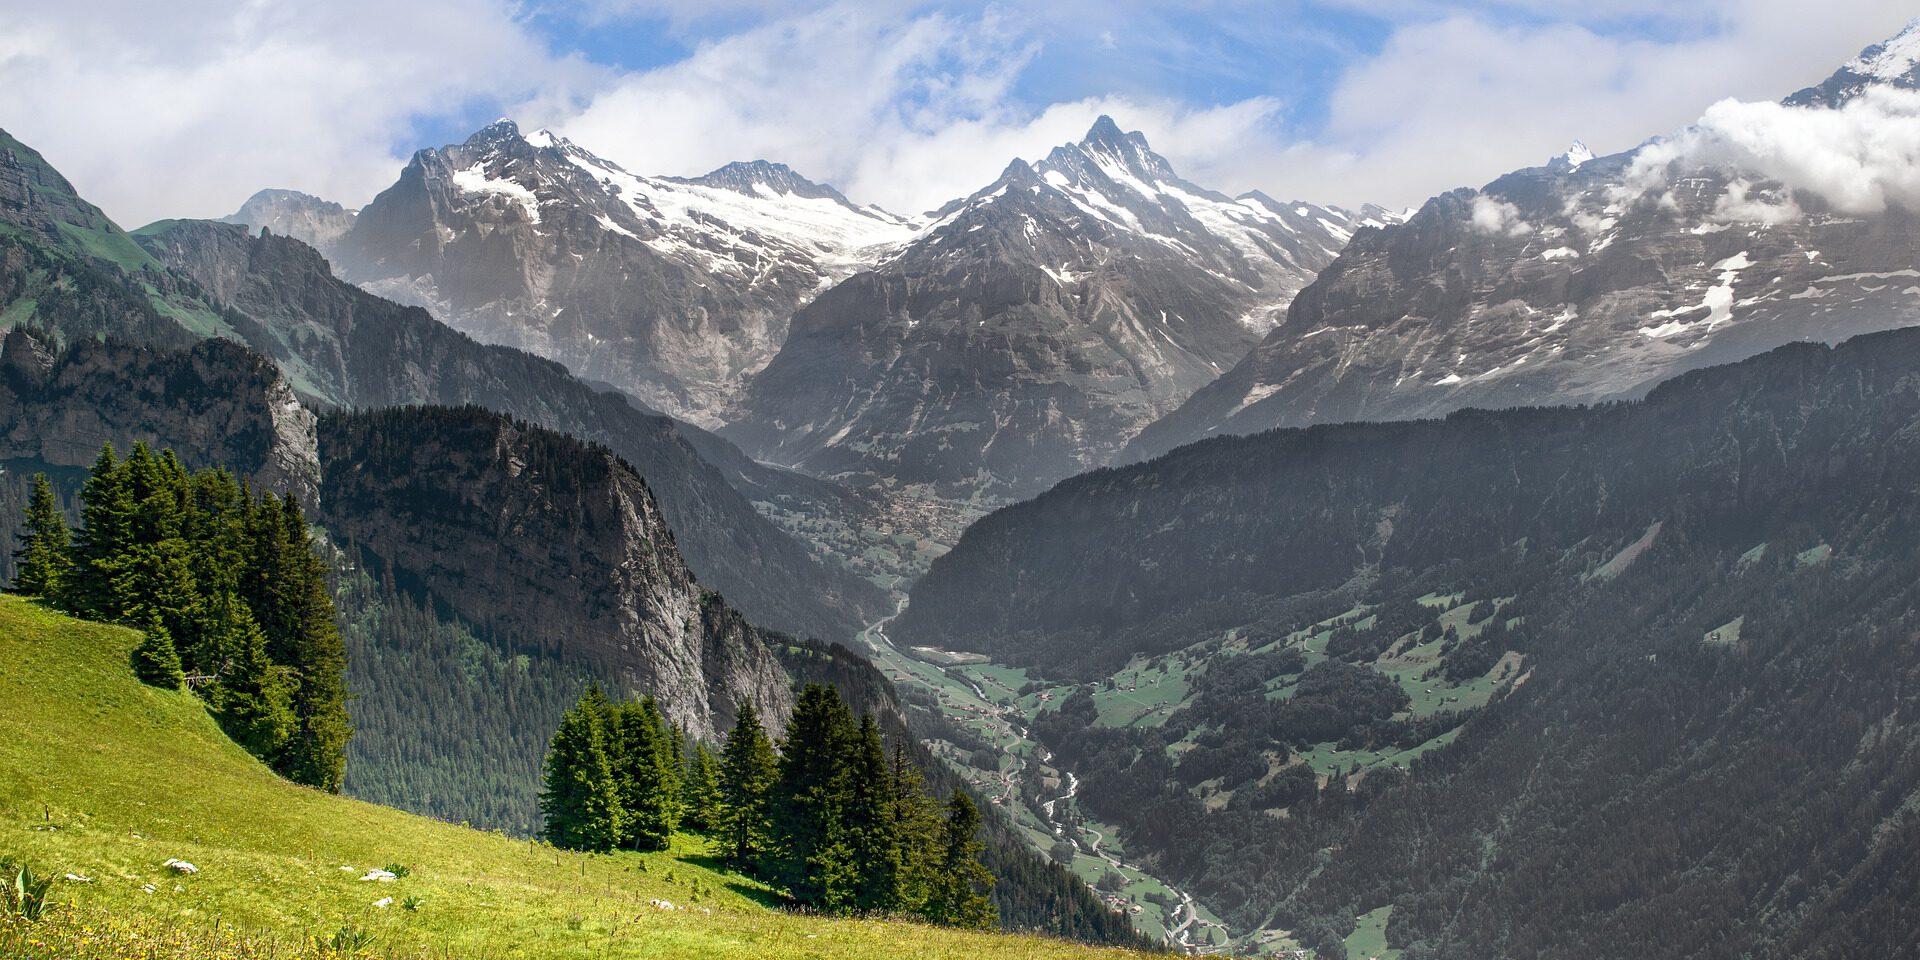 Uitzicht vanaf berg over een dorp in het dal